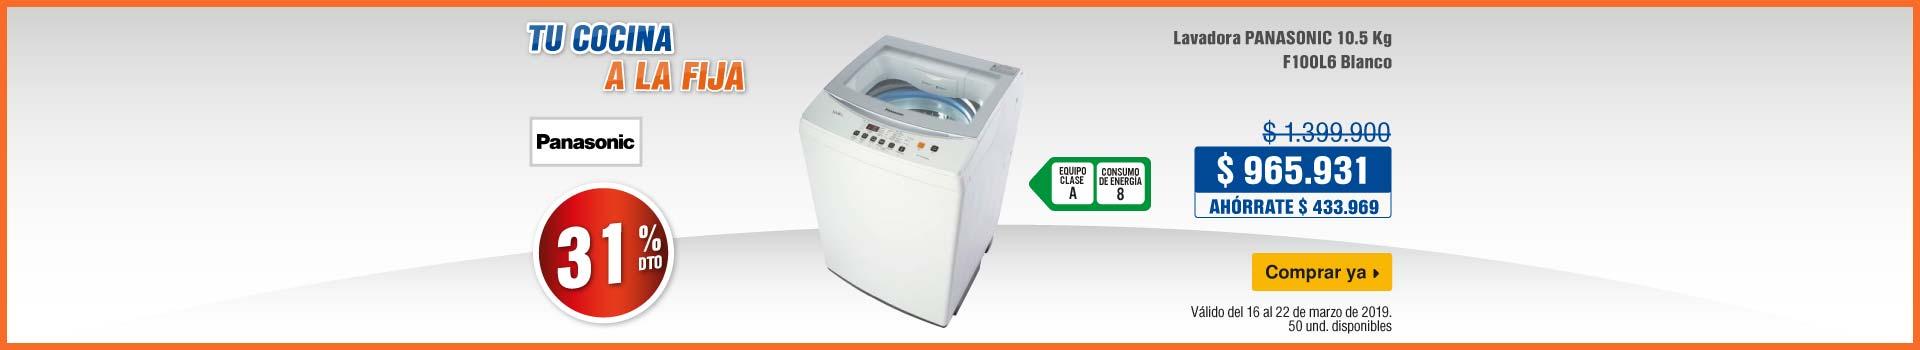 AK-KT-mayores-3-ELECT-BCAT-lavadoras-panasonic-160319